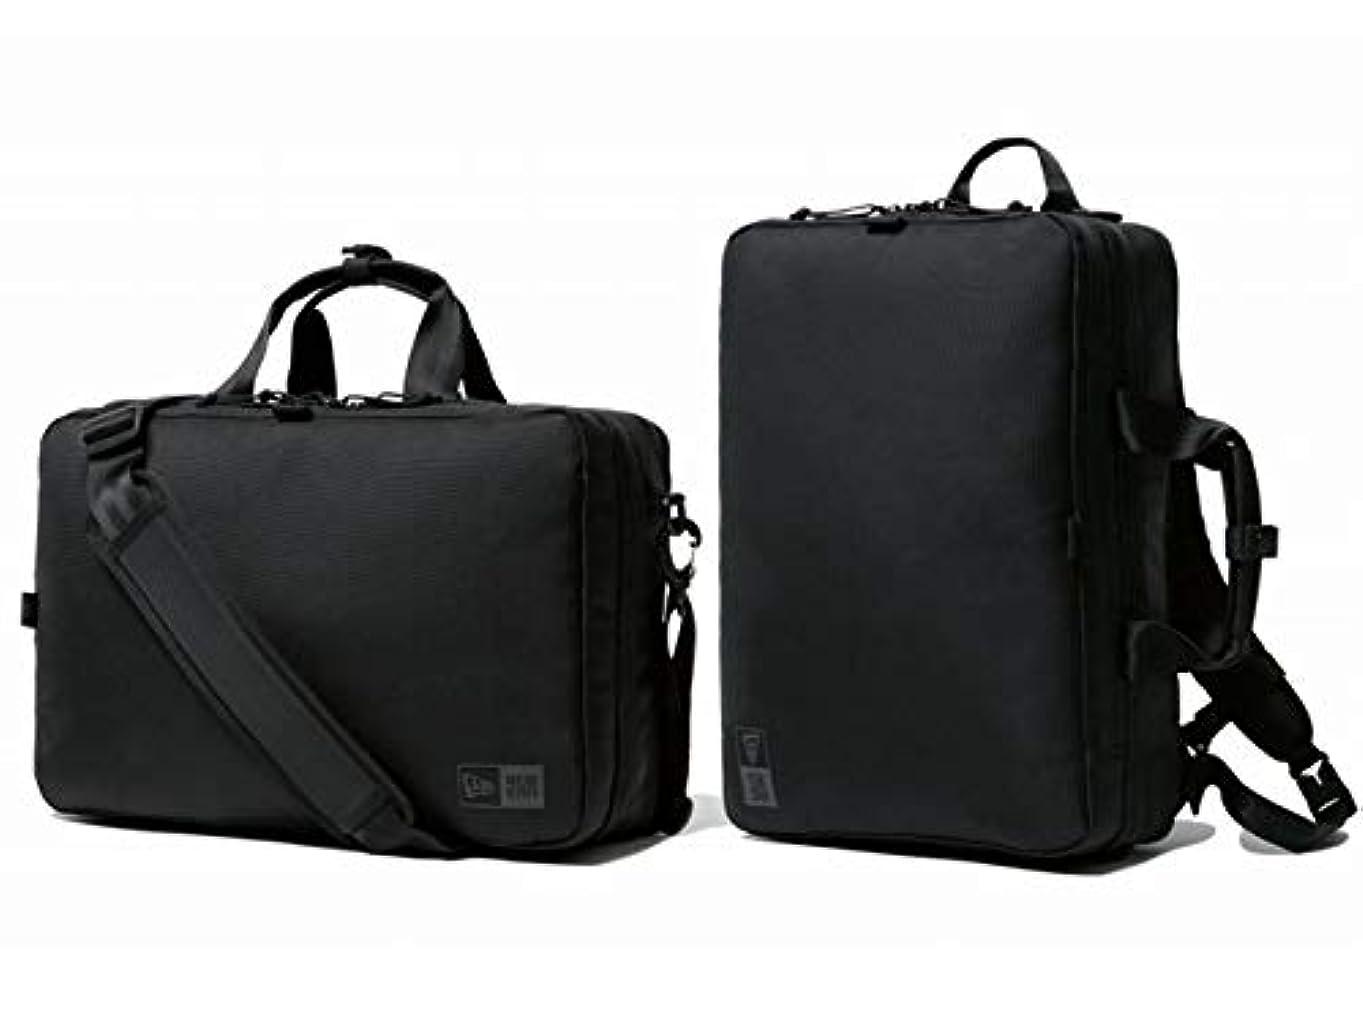 七時半ブリークゆるく[ニューエラ] 【ビジネスコレクション】スリーウェイ ブリーフバッグ 11901527 ブラック Three Way Brief bag black リュックサック